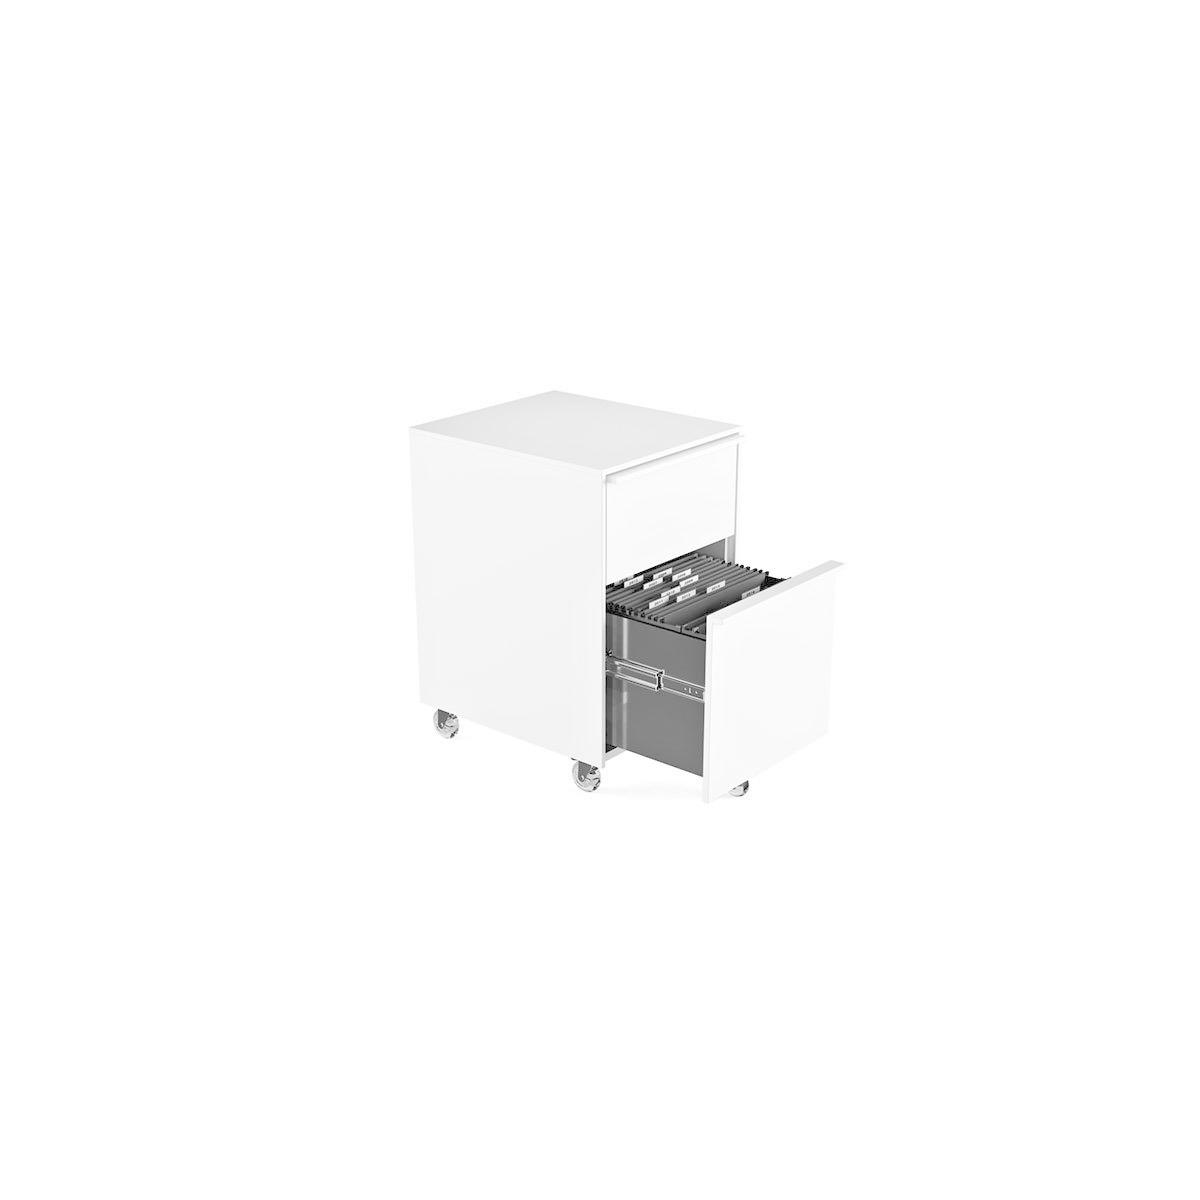 BDI Cascadia 6207, Two-drawer mobile file pedestal